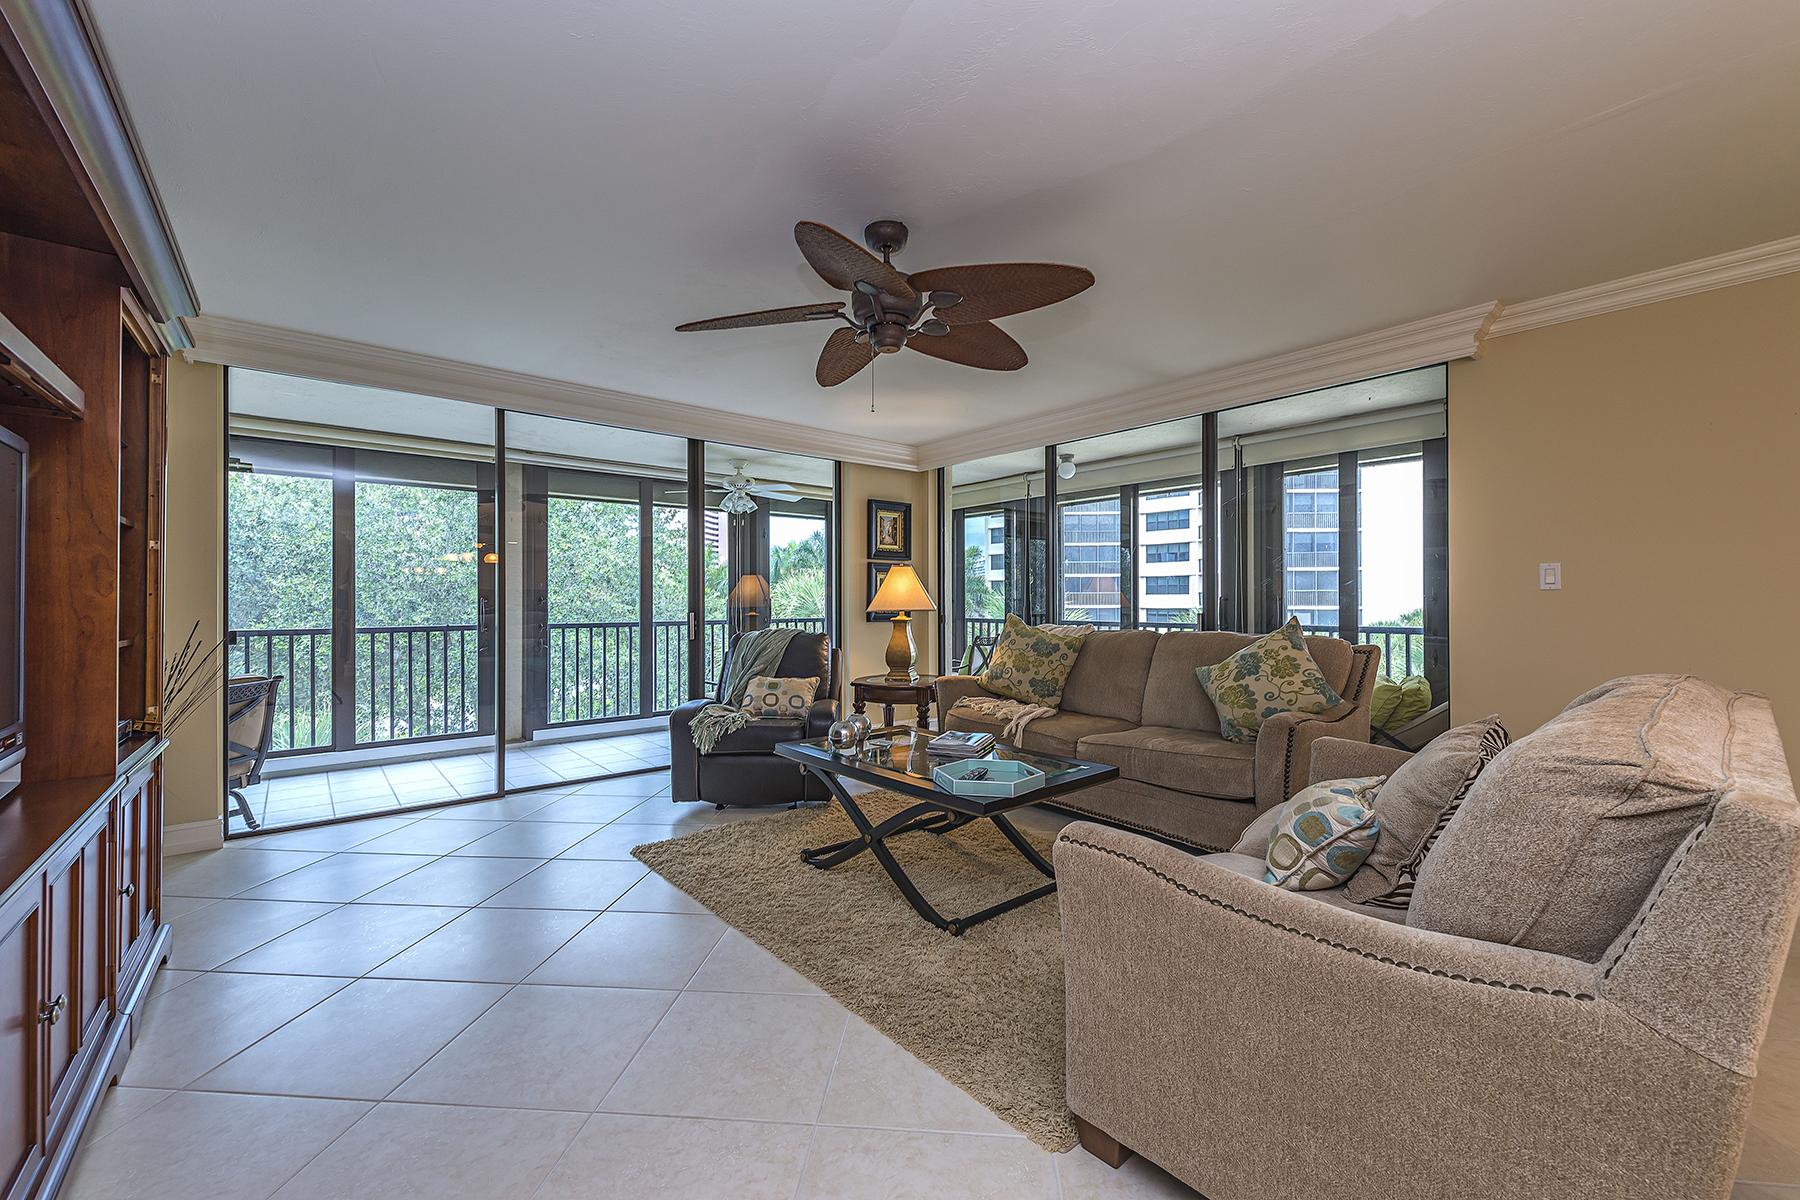 Кооперативная квартира для того Продажа на PELICAN BAY - CHATEAUMERE 6040 Pelican Bay Blvd D-301 Naples, Флорида 34108 Соединенные Штаты